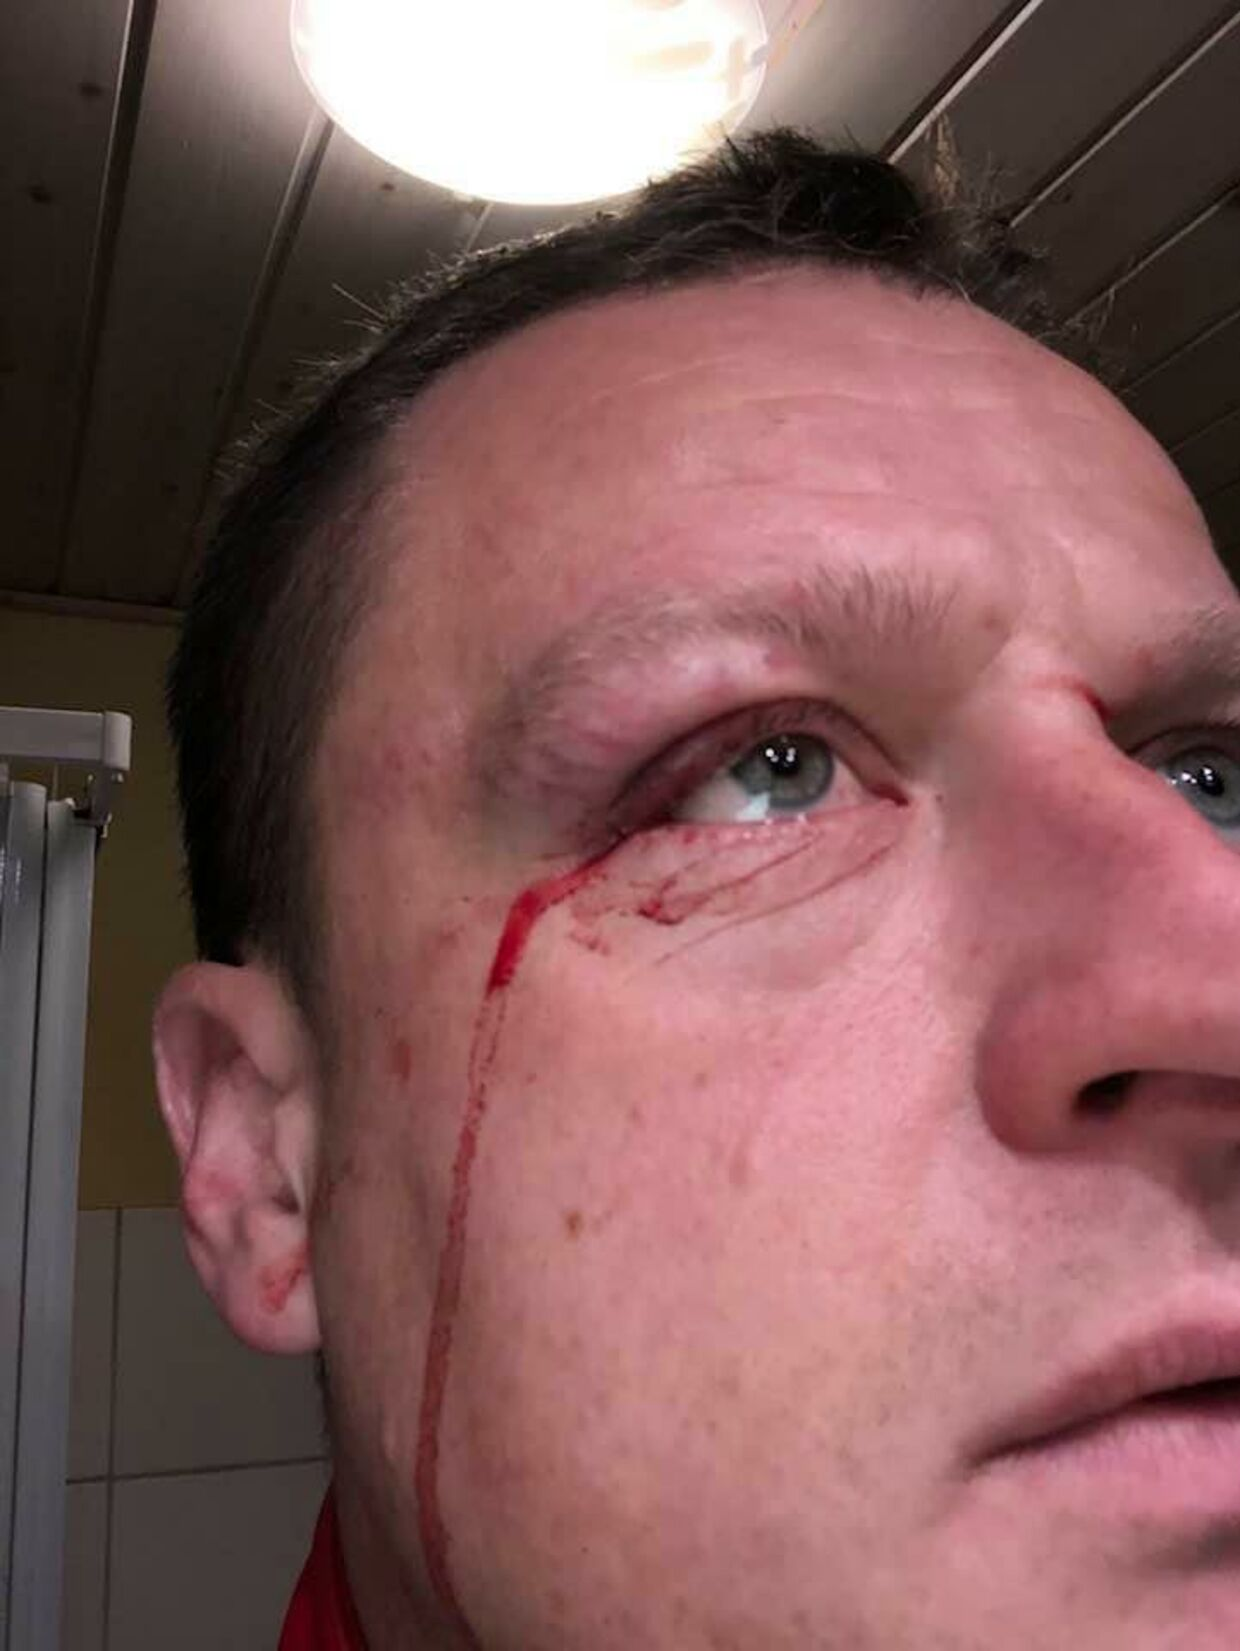 38-årige Henrik Kring måtte en tur på skadestuen, da han med høj fart var kørt ind i den udspændte nylonsnor på sin cykel.